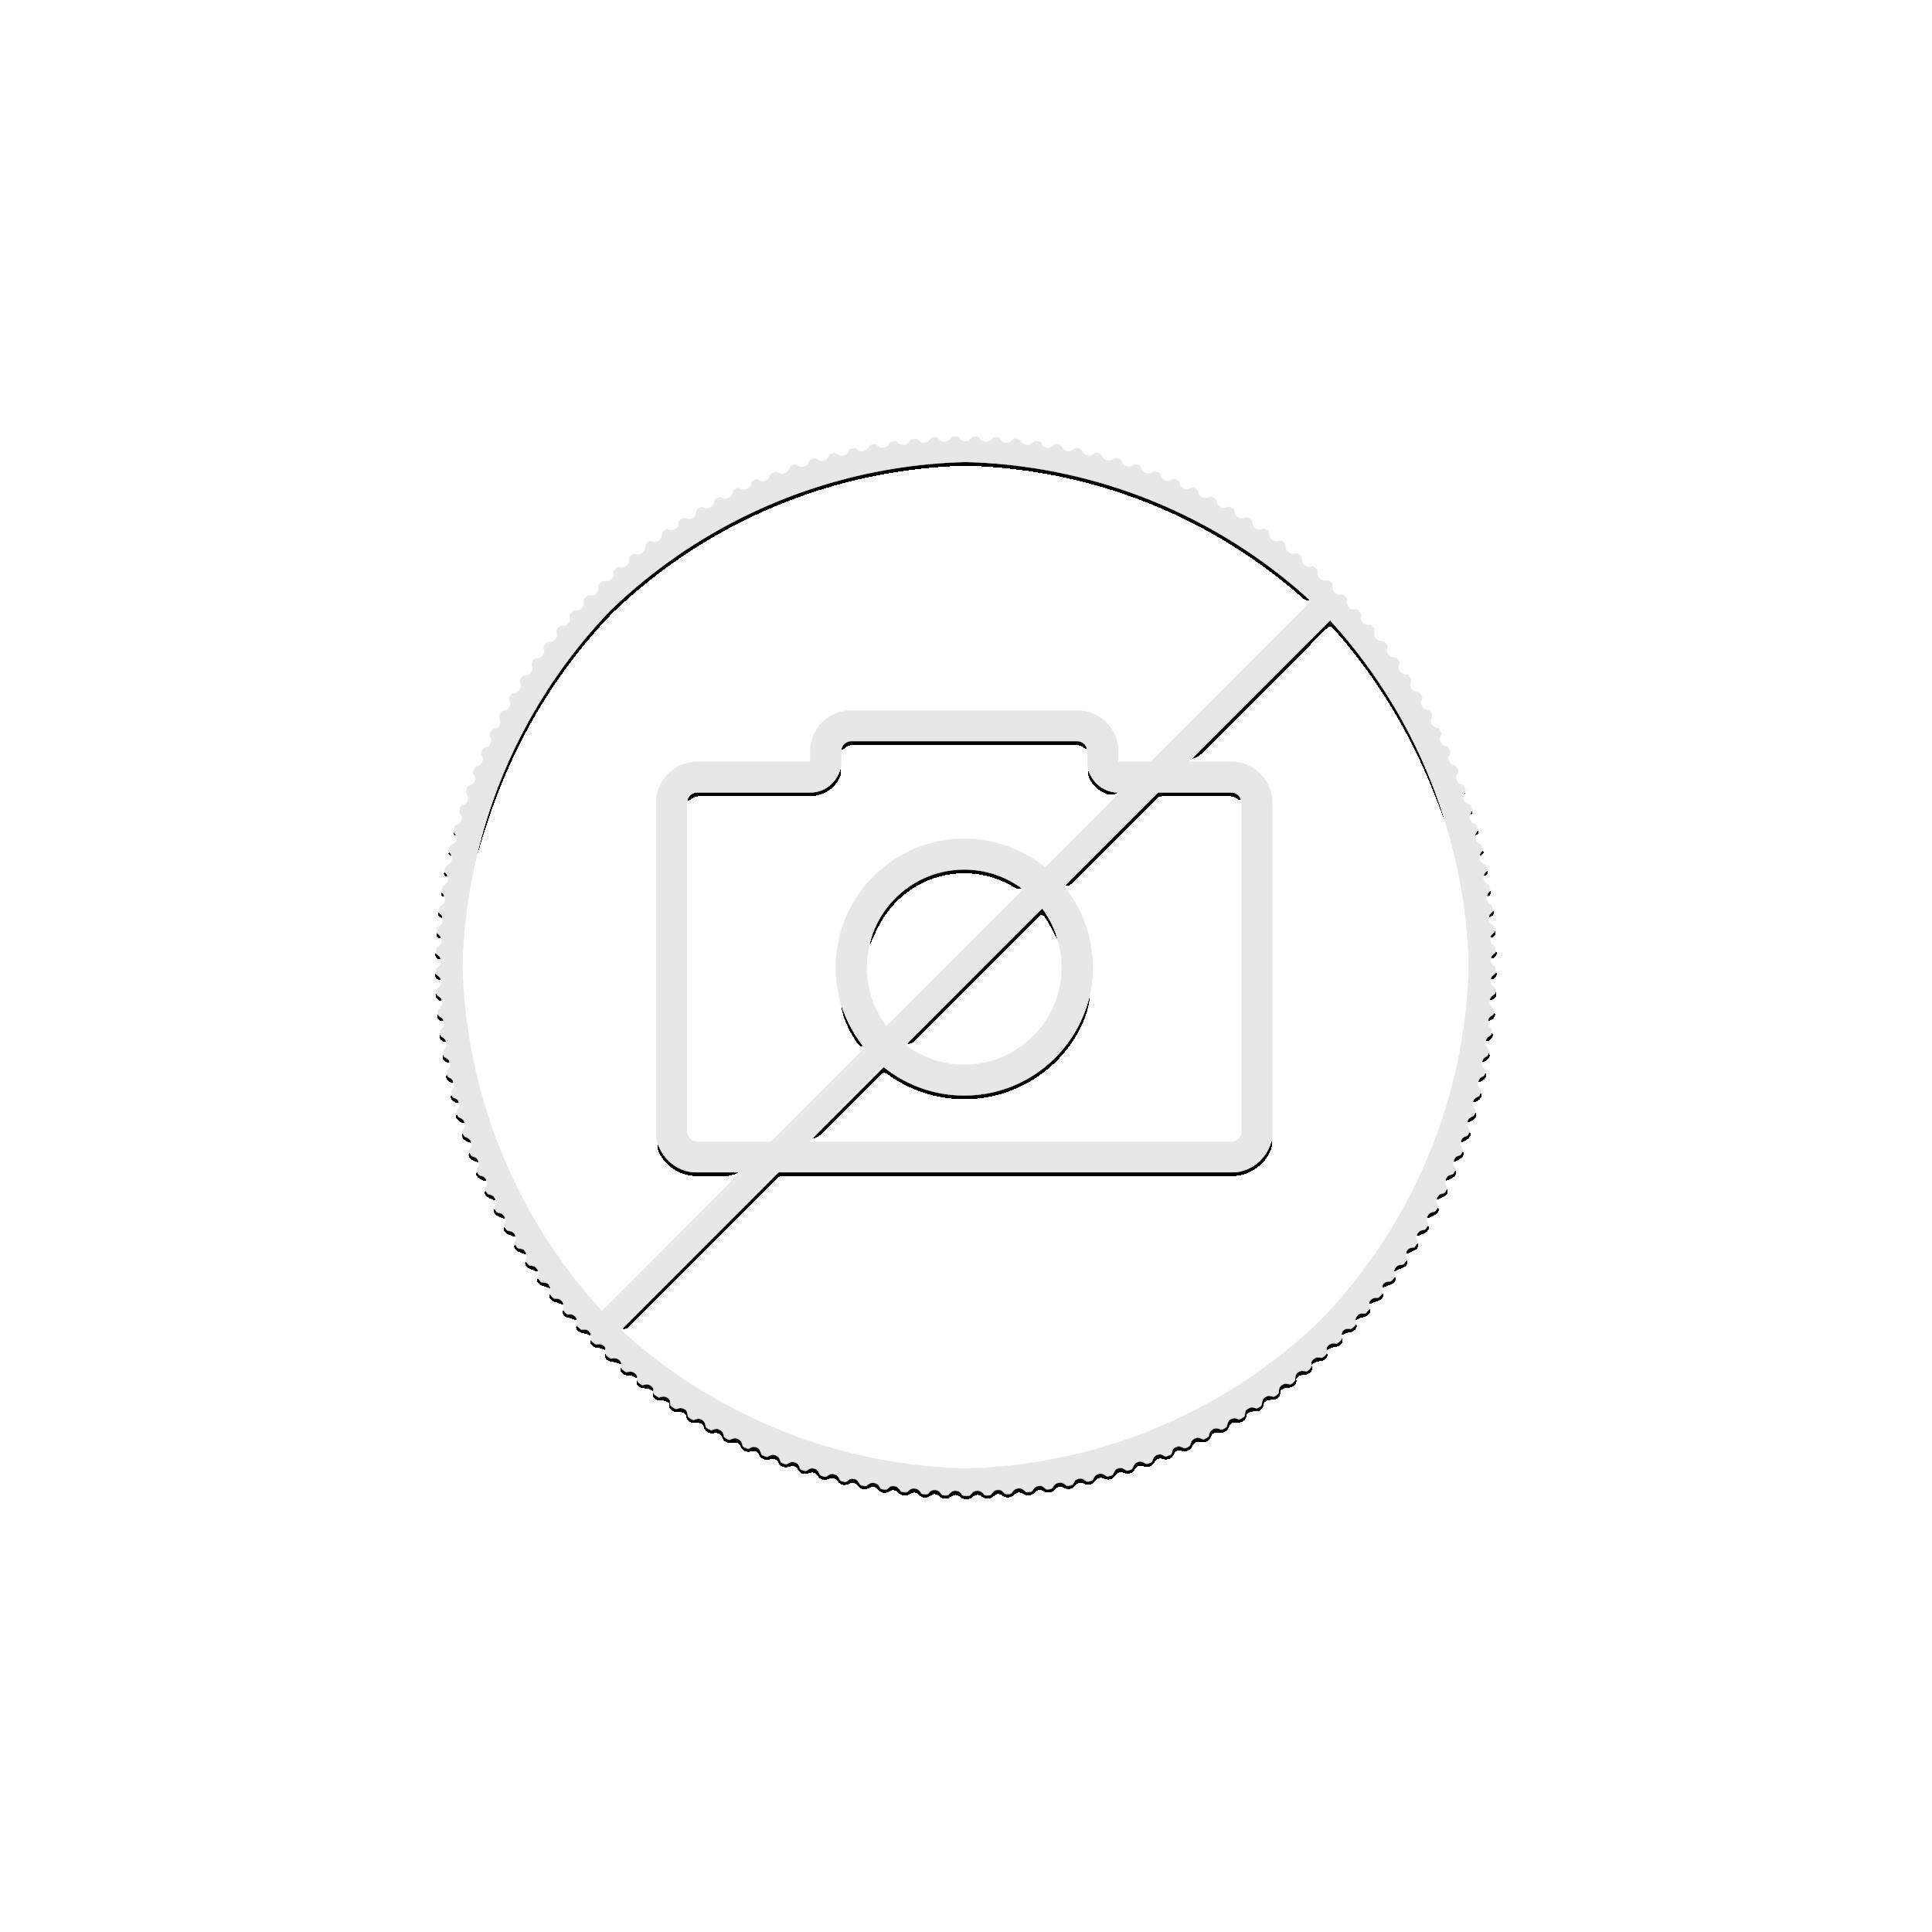 1/10 Troy ounce gold coin Lunar 2020 - back